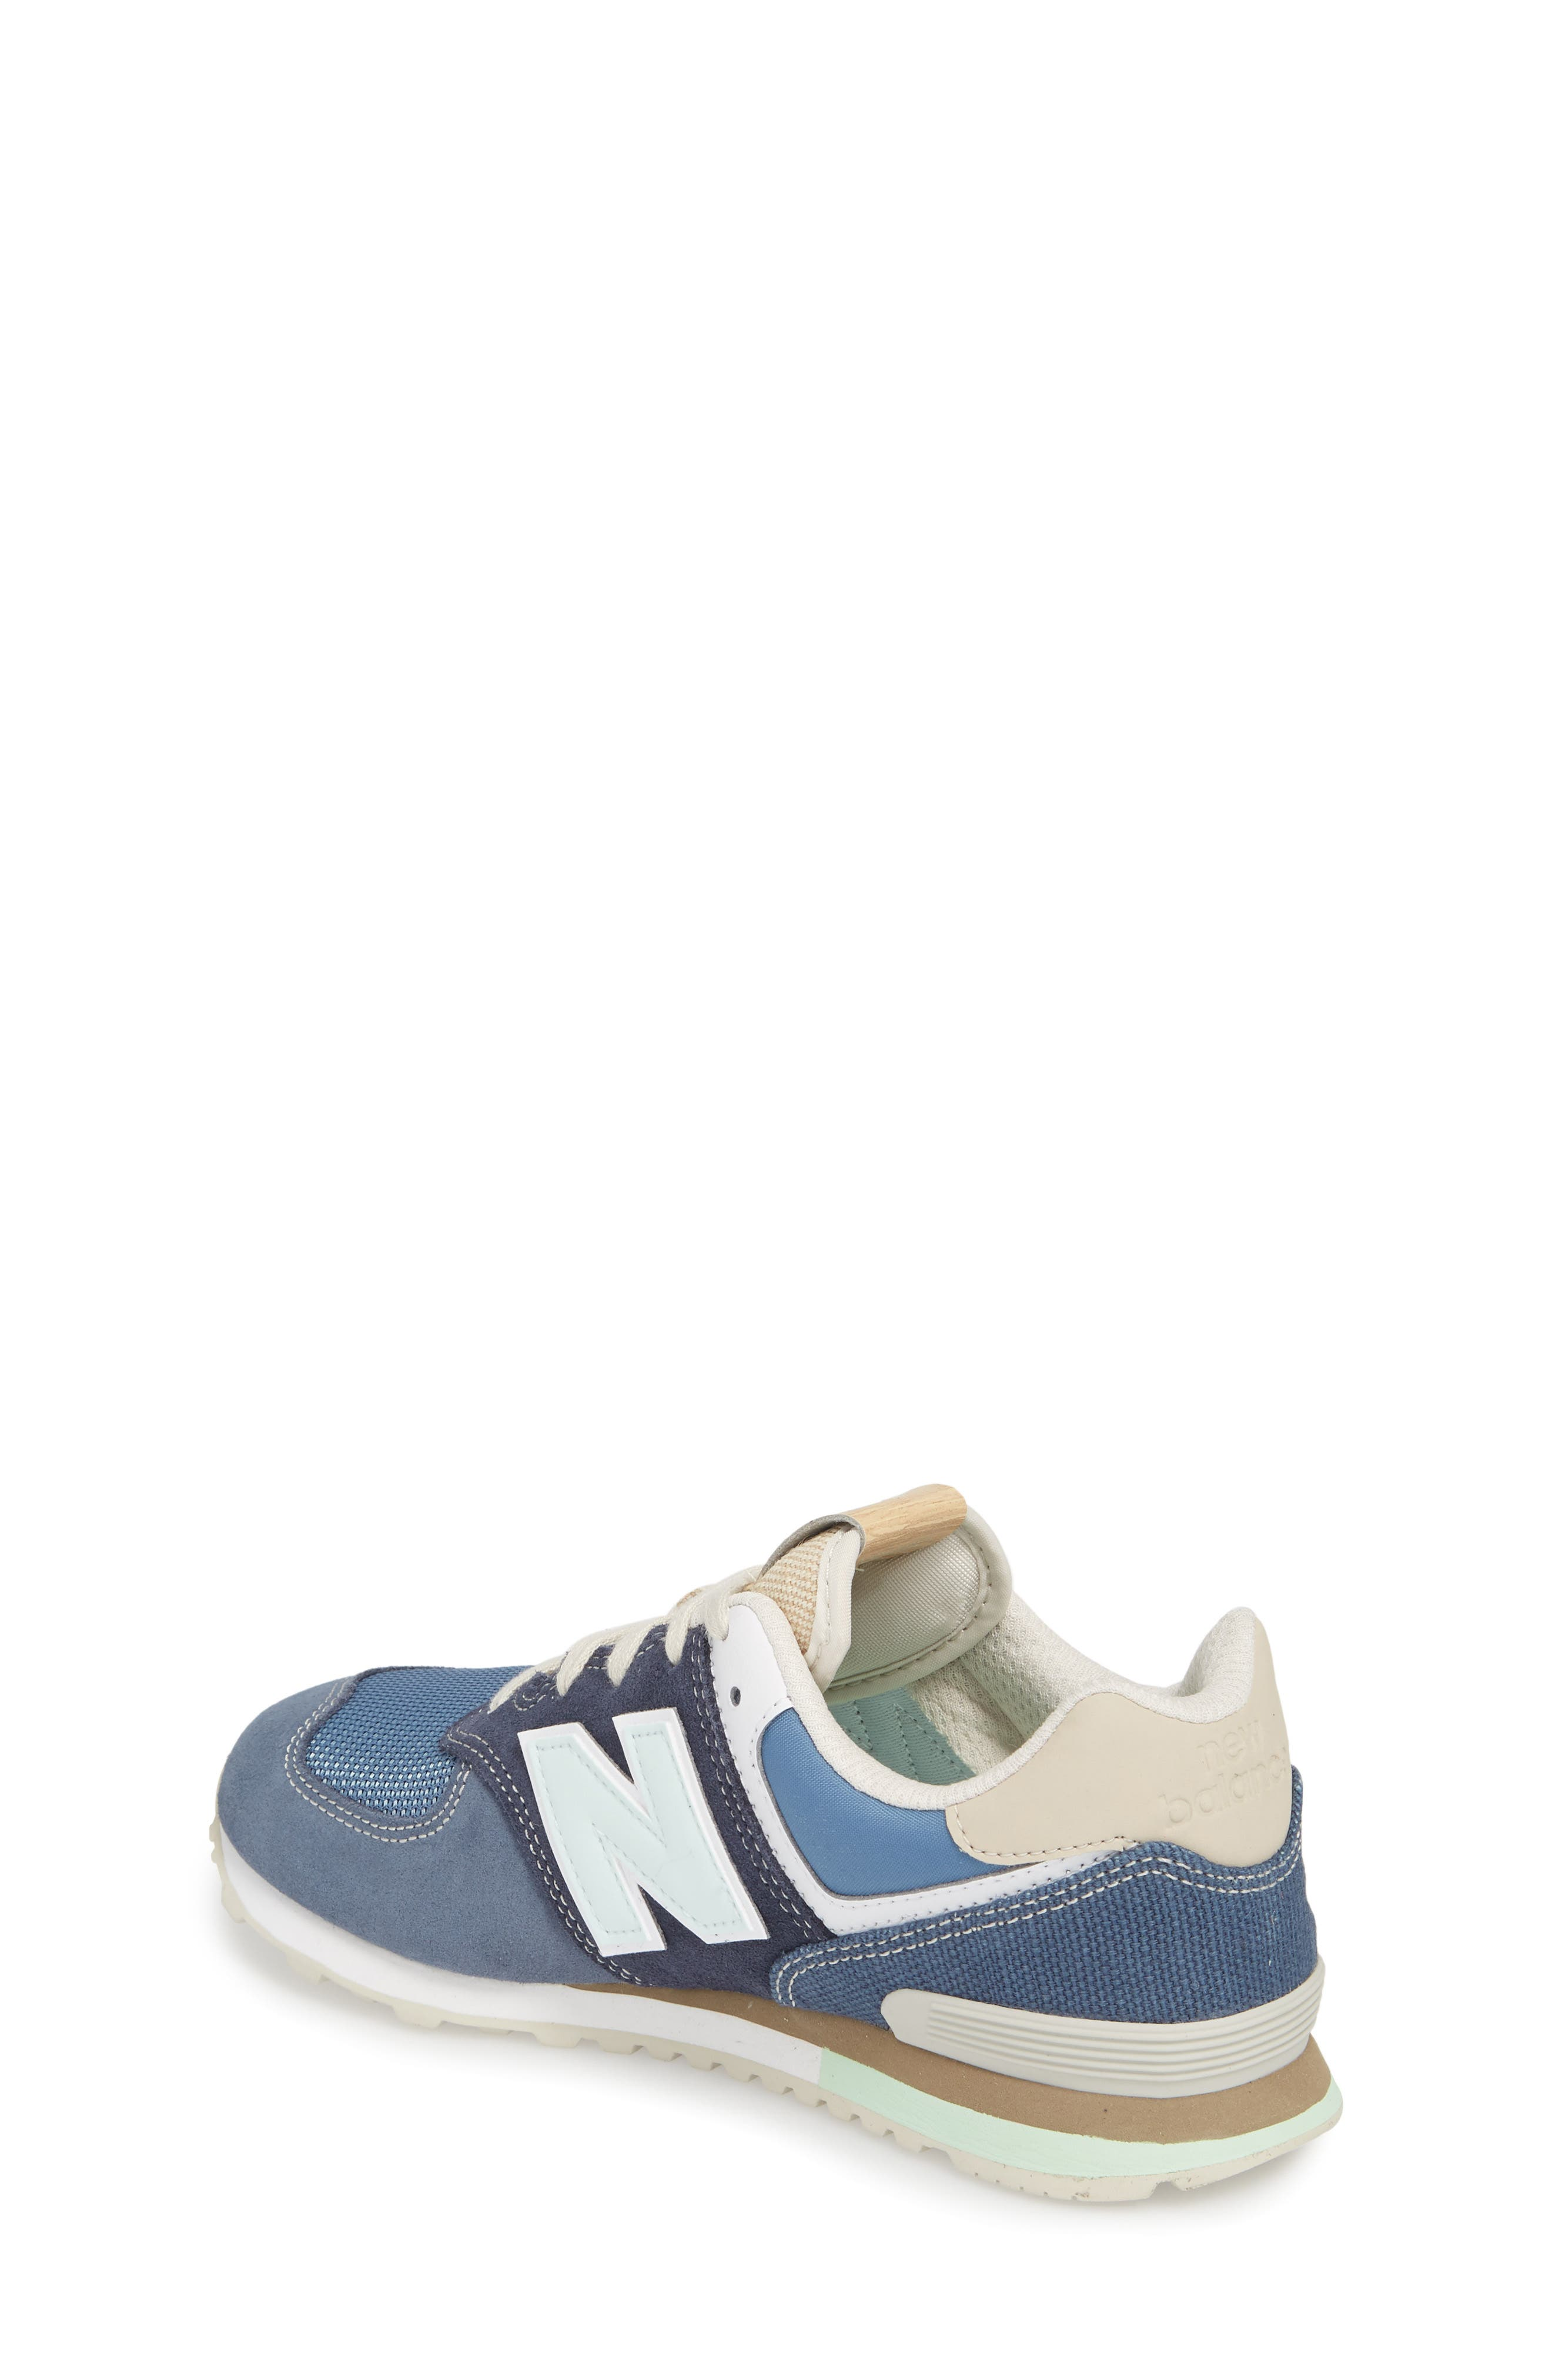 574 Retro Surf Sneaker,                             Alternate thumbnail 2, color,                             Navy